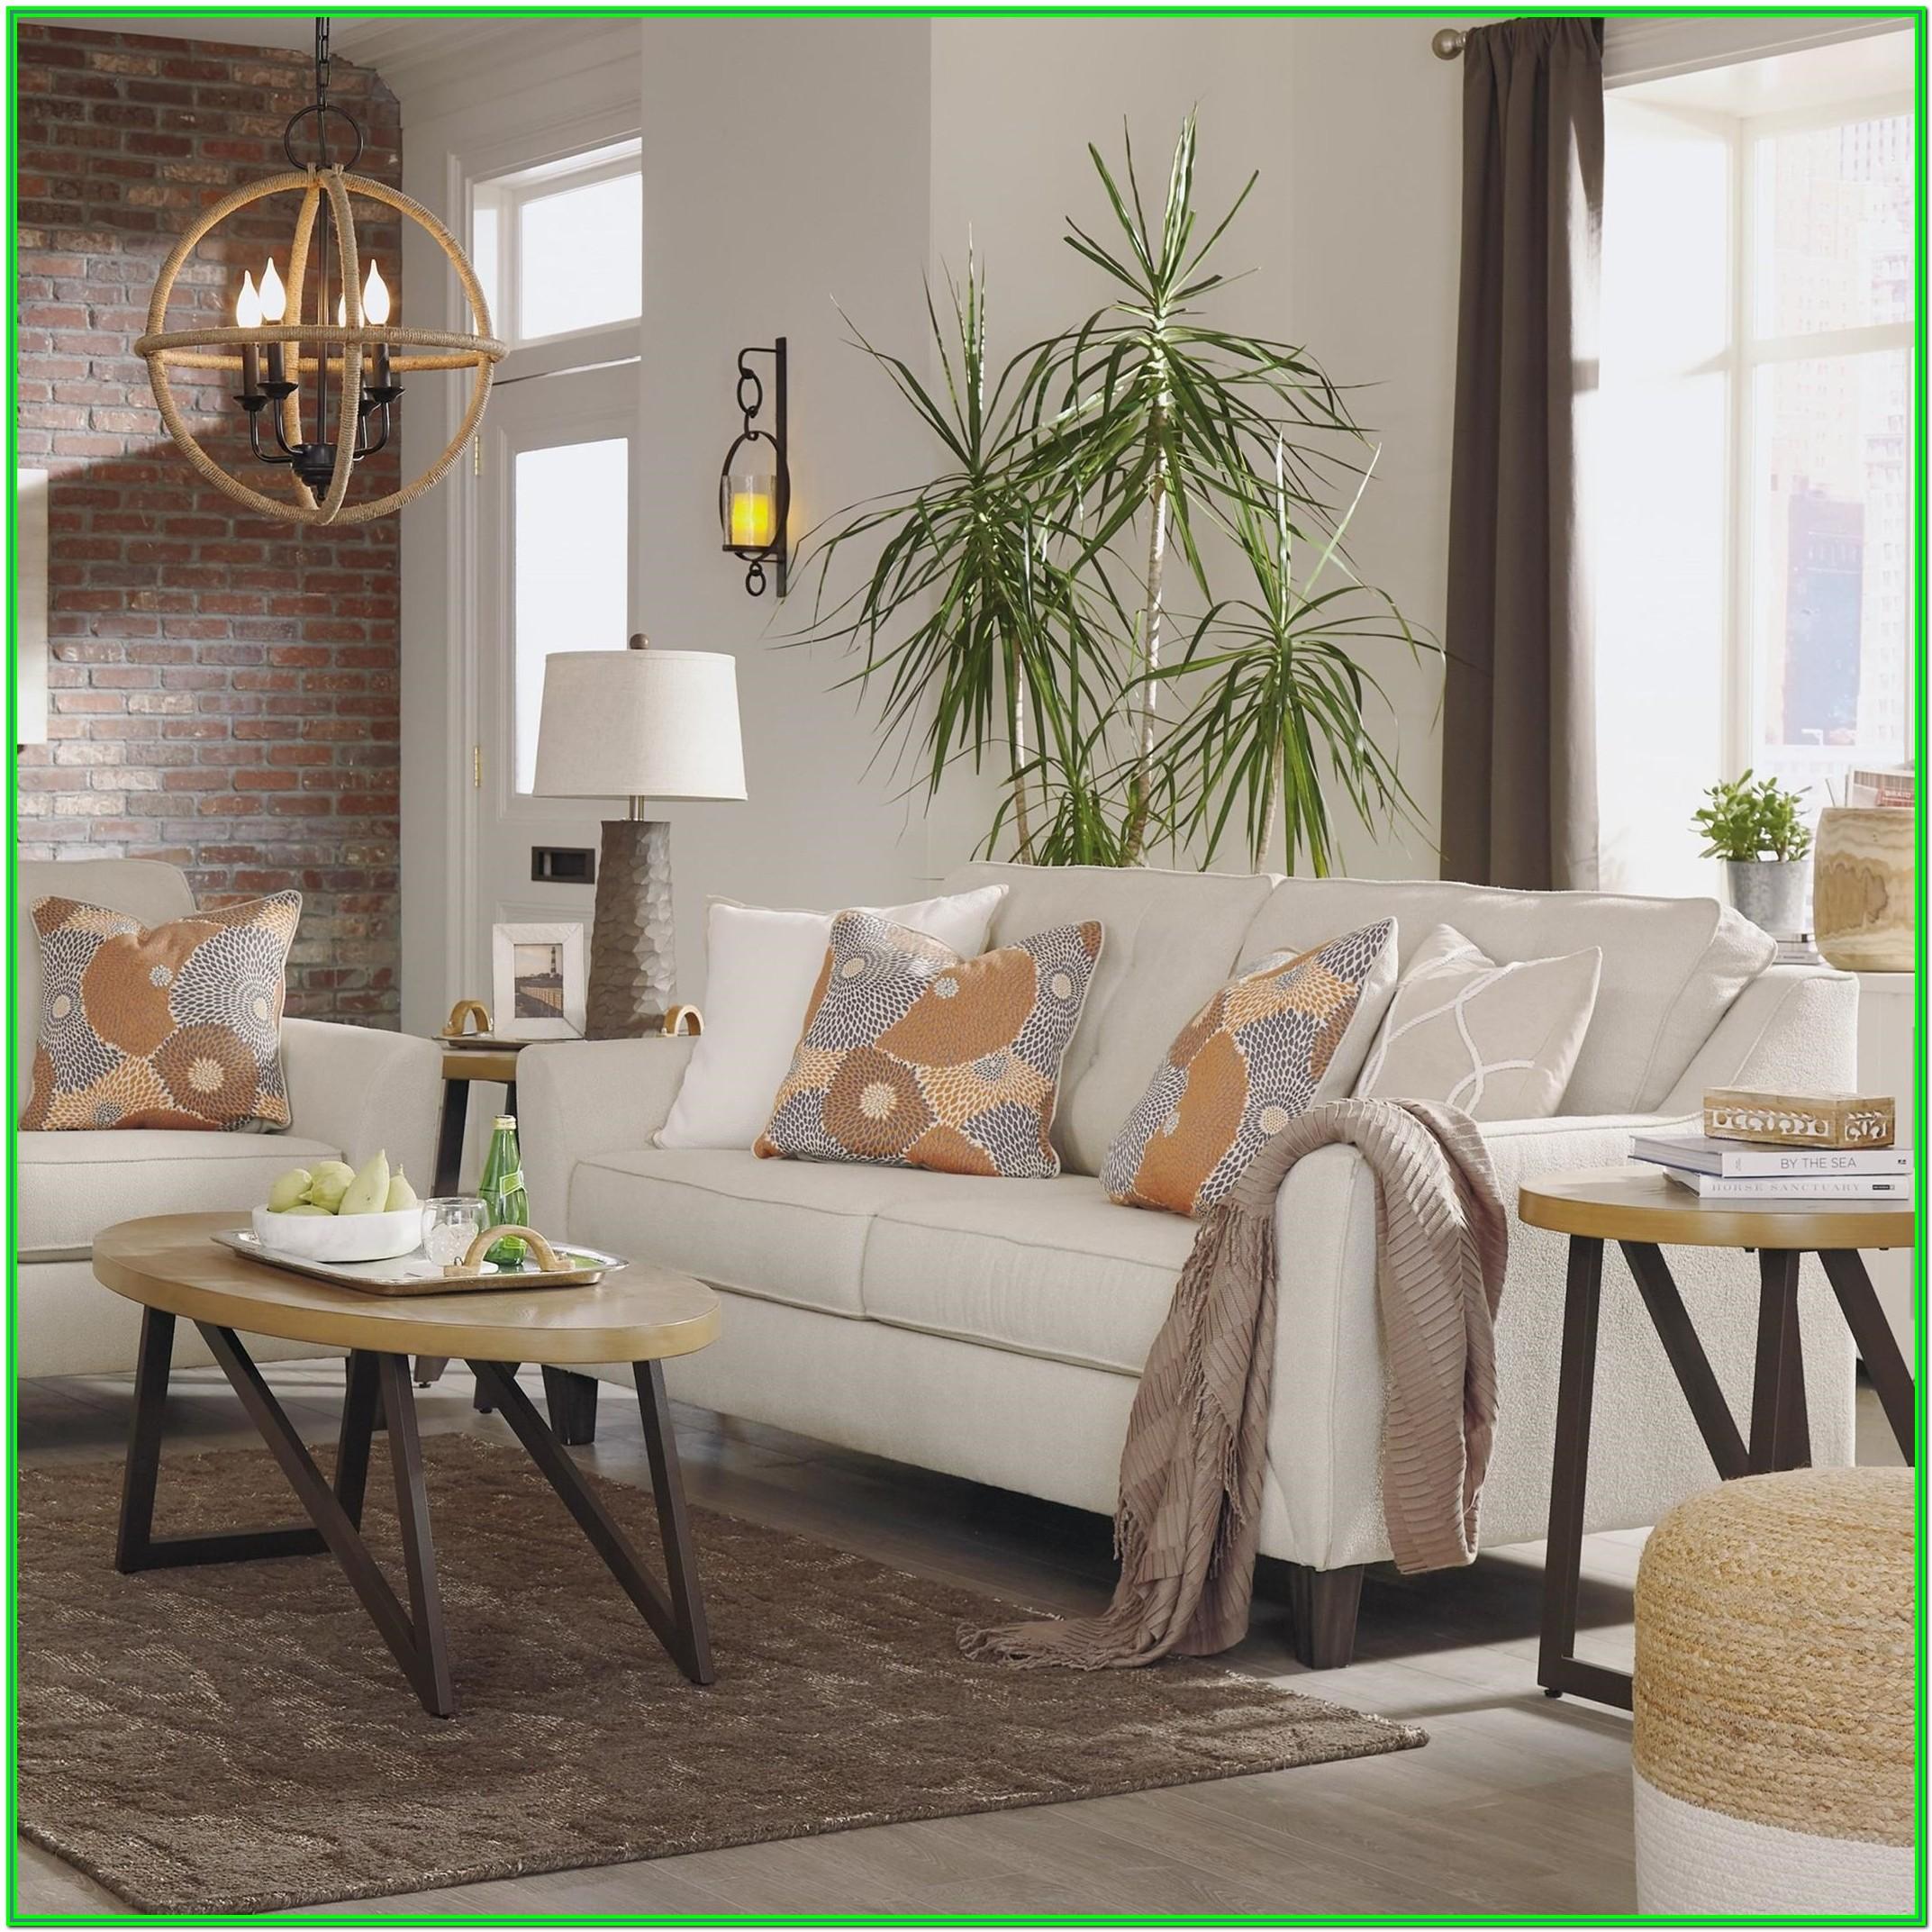 Ashley Furniture Benissa Alabaster Queen Sofa Sleeper